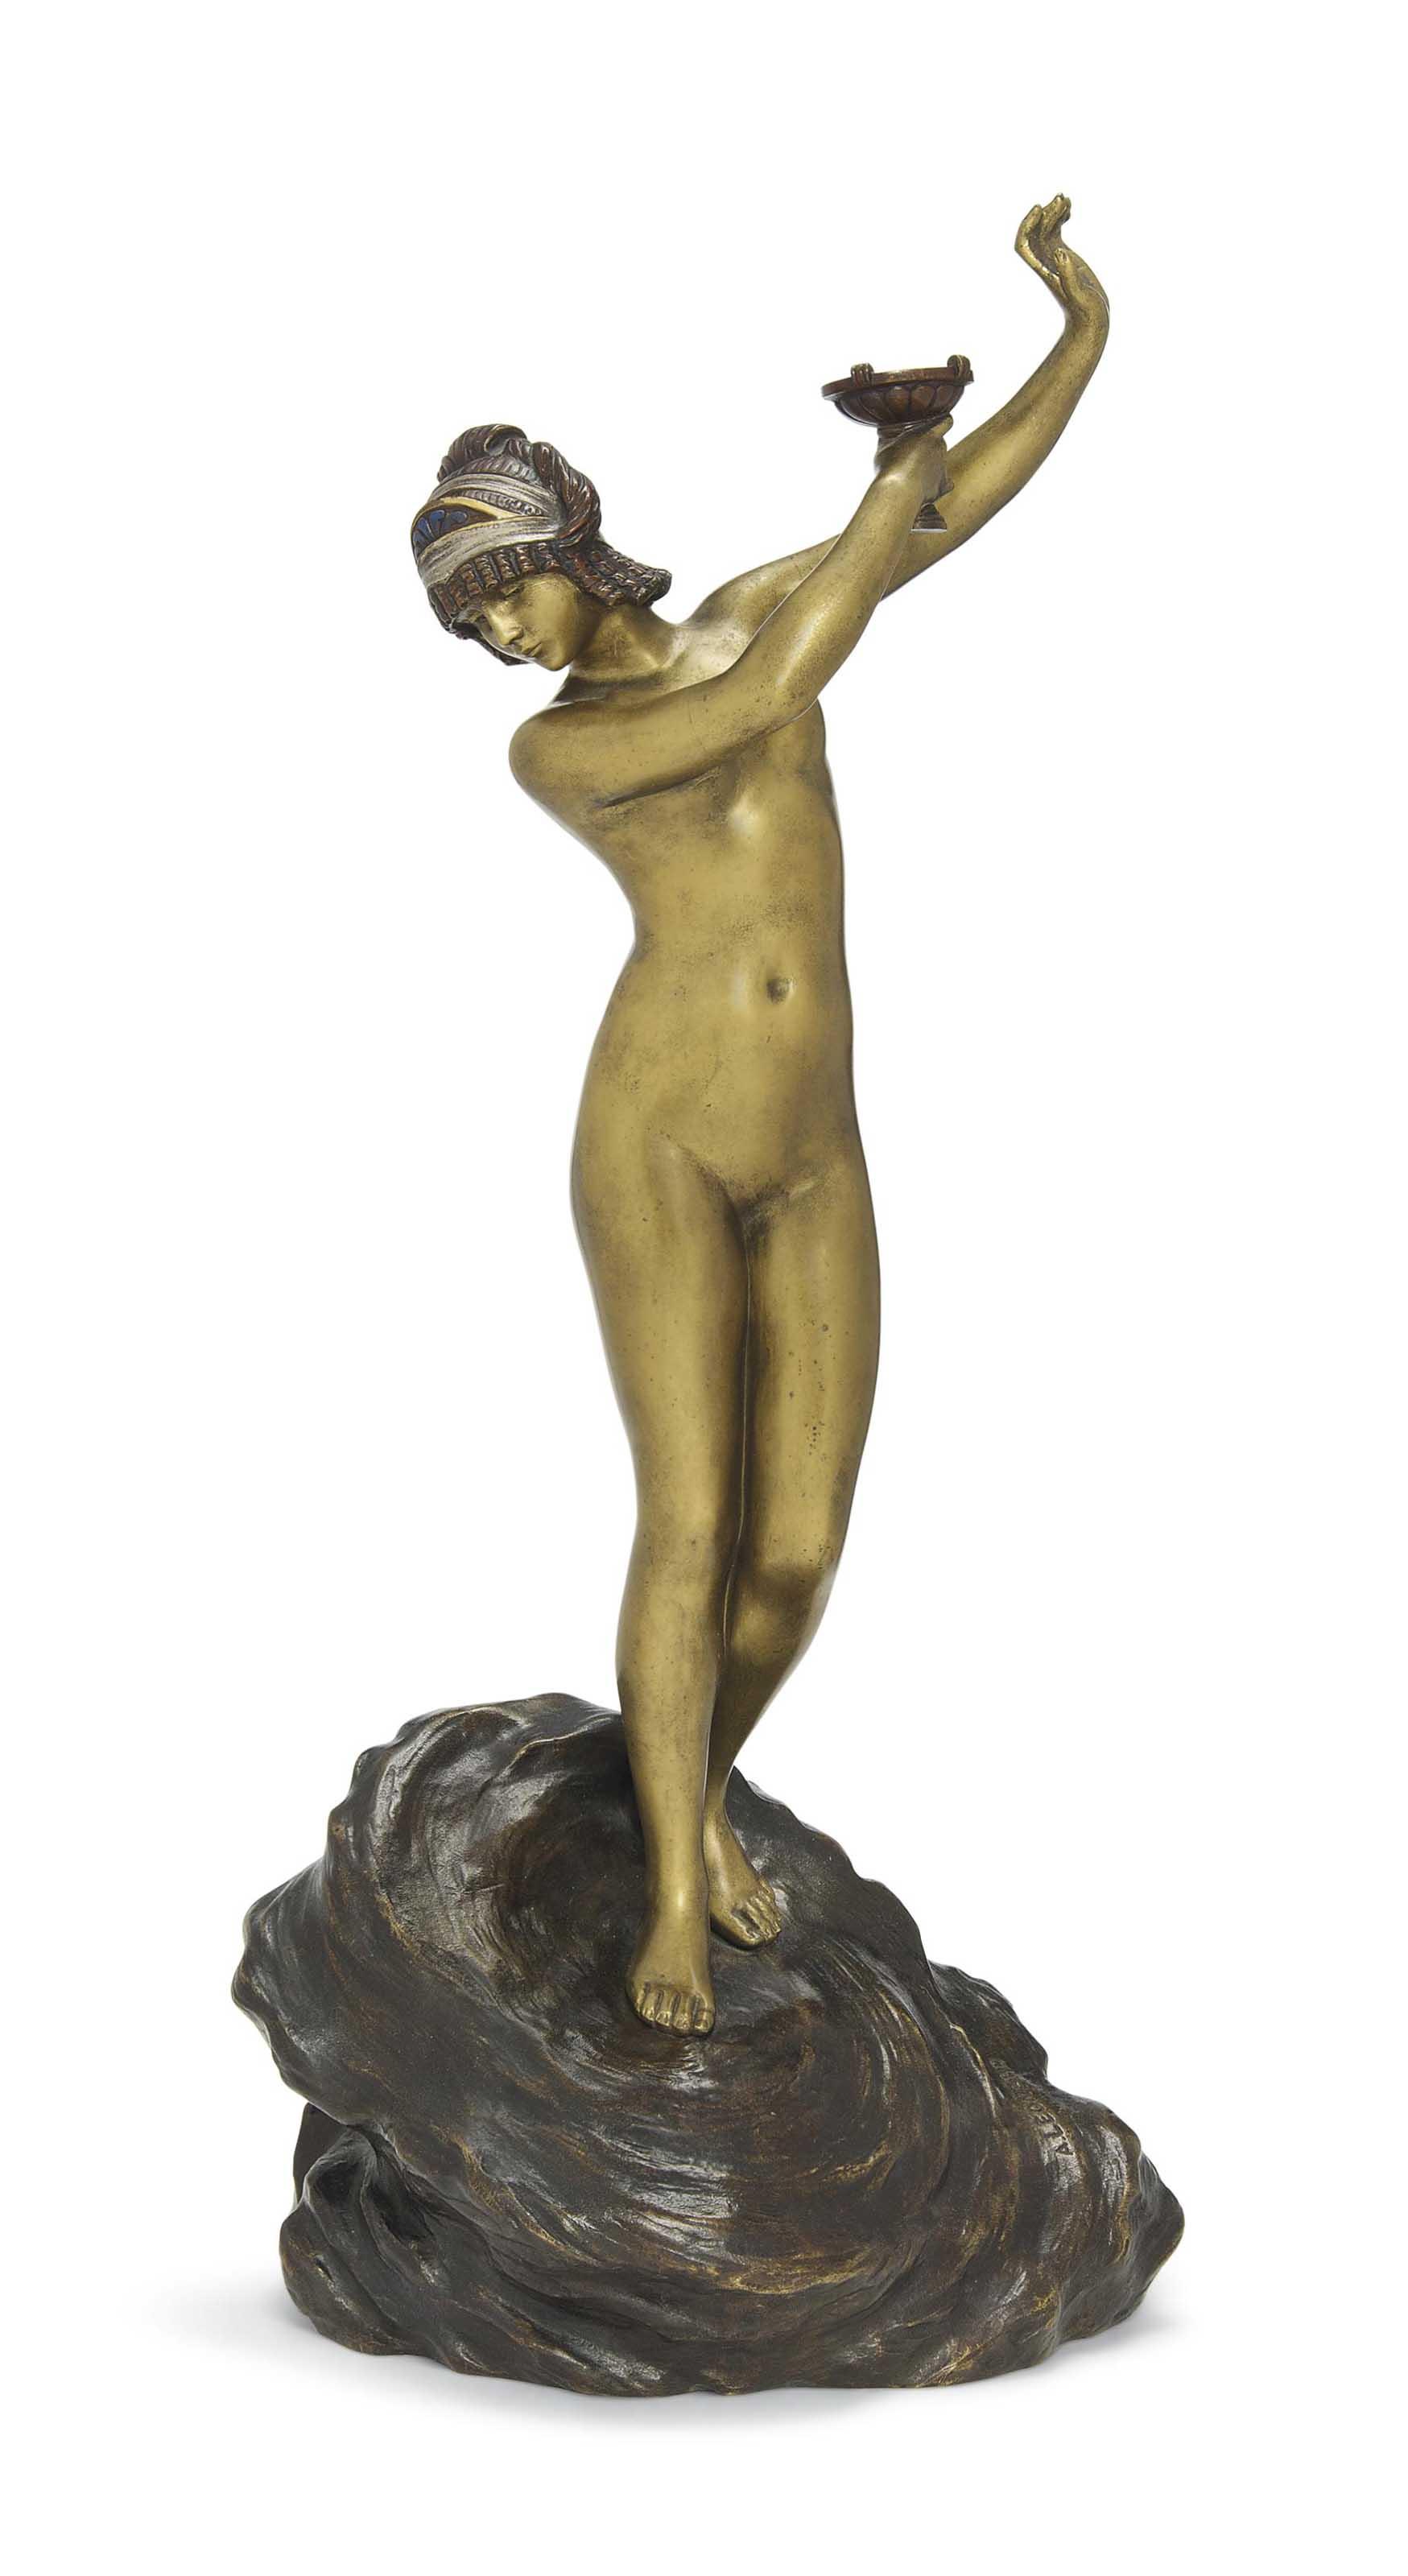 AGATHON LEONARD 1841-1923